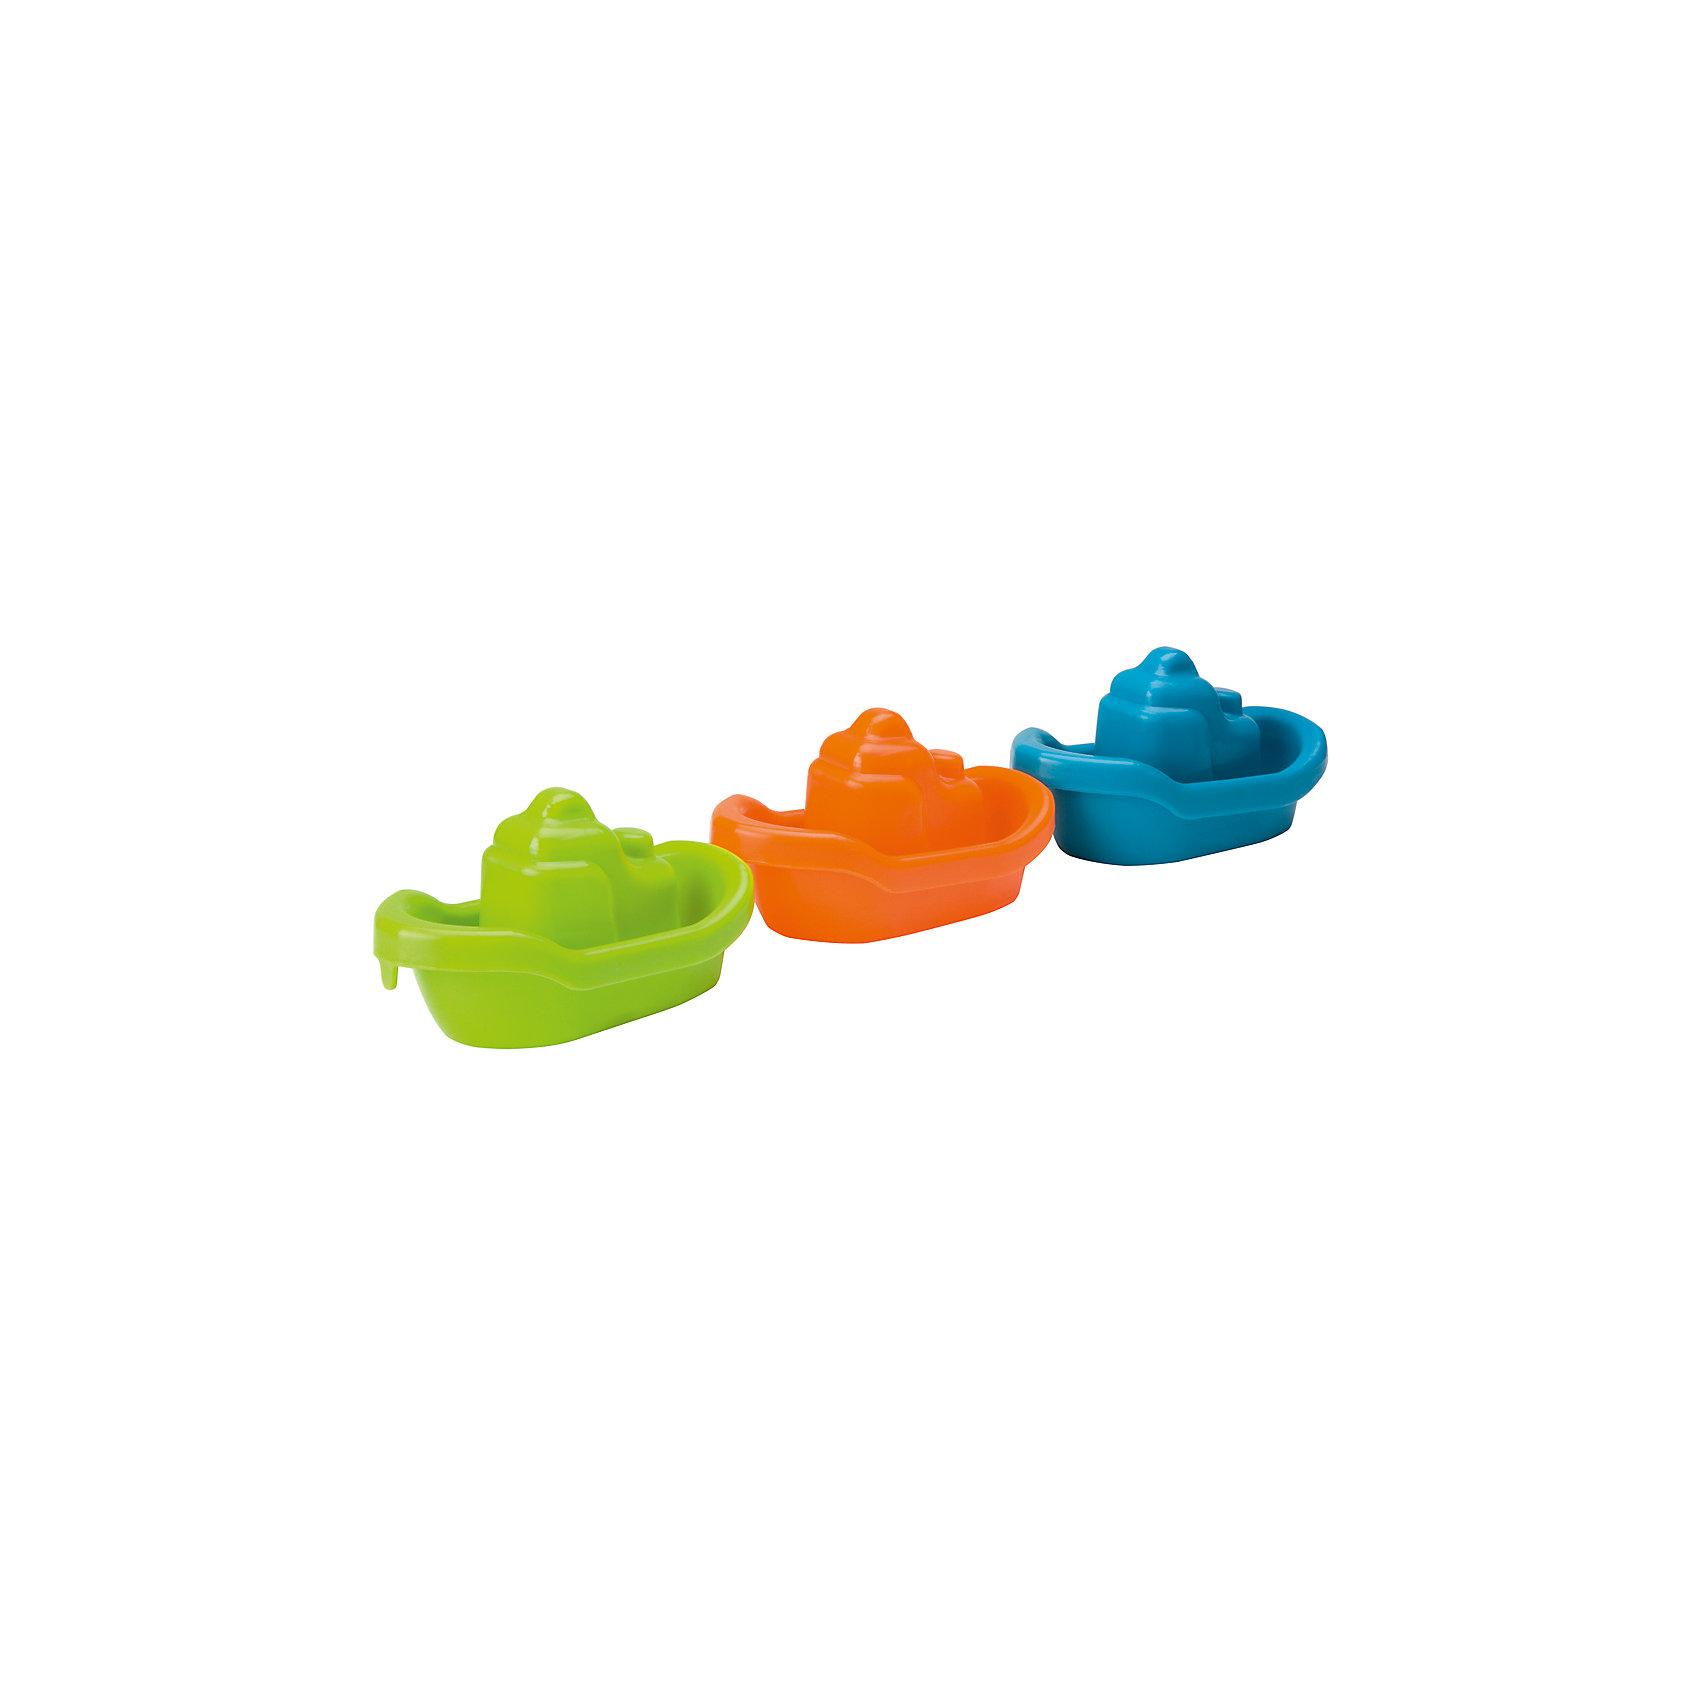 Игрушка для ванны 3 разноцветные лодочки, ALEXИгрушки ПВХ<br>Характеристики:<br><br>• для детей в возрасте: от 12 месяцев<br>• в комплекте: 3 разноцветные лодочки<br>• материал: высококачественный пластик<br>• размер упаковки:178х70х171 мм.<br>• вес: 181 гр.<br><br>Набор для ванны «3 разноцветные лодочки» ALEX (АЛЕКС) привлечет внимание малыша и превратит купание в веселую игру. Ведь с тремя яркими лодочками купаться весело и интересно. Лодочки могут прицепляться друг к другу и плавать вместе, как на буксире. Их можно вставлять одну в другую.<br>Игрушка развивает воображение, цветовосприятие, мелкую моторику, а также помогает ребенку справиться с боязнью воды.<br><br>Игрушку для ванны 3 разноцветные лодочки, ALEX (АЛЕКС) можно купить в нашем интернет-магазине.<br><br>Ширина мм: 178<br>Глубина мм: 70<br>Высота мм: 171<br>Вес г: 181<br>Возраст от месяцев: 12<br>Возраст до месяцев: 2147483647<br>Пол: Унисекс<br>Возраст: Детский<br>SKU: 6725328